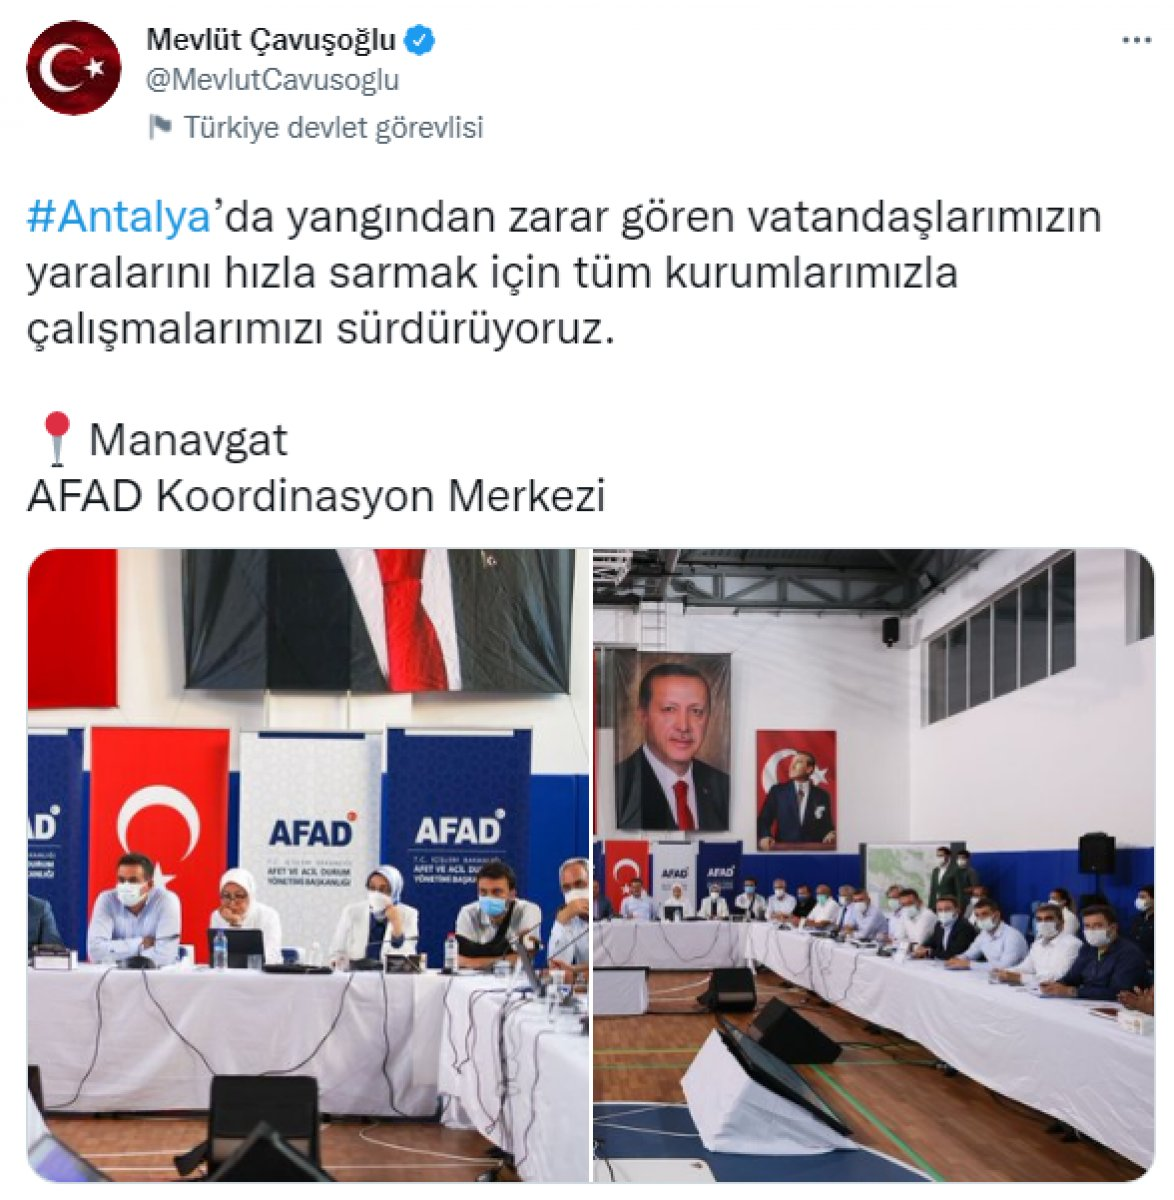 Mevlüt Çavuşoğlu yangın sonrası vatandaşların durumu hakkında bilgi aldı #2